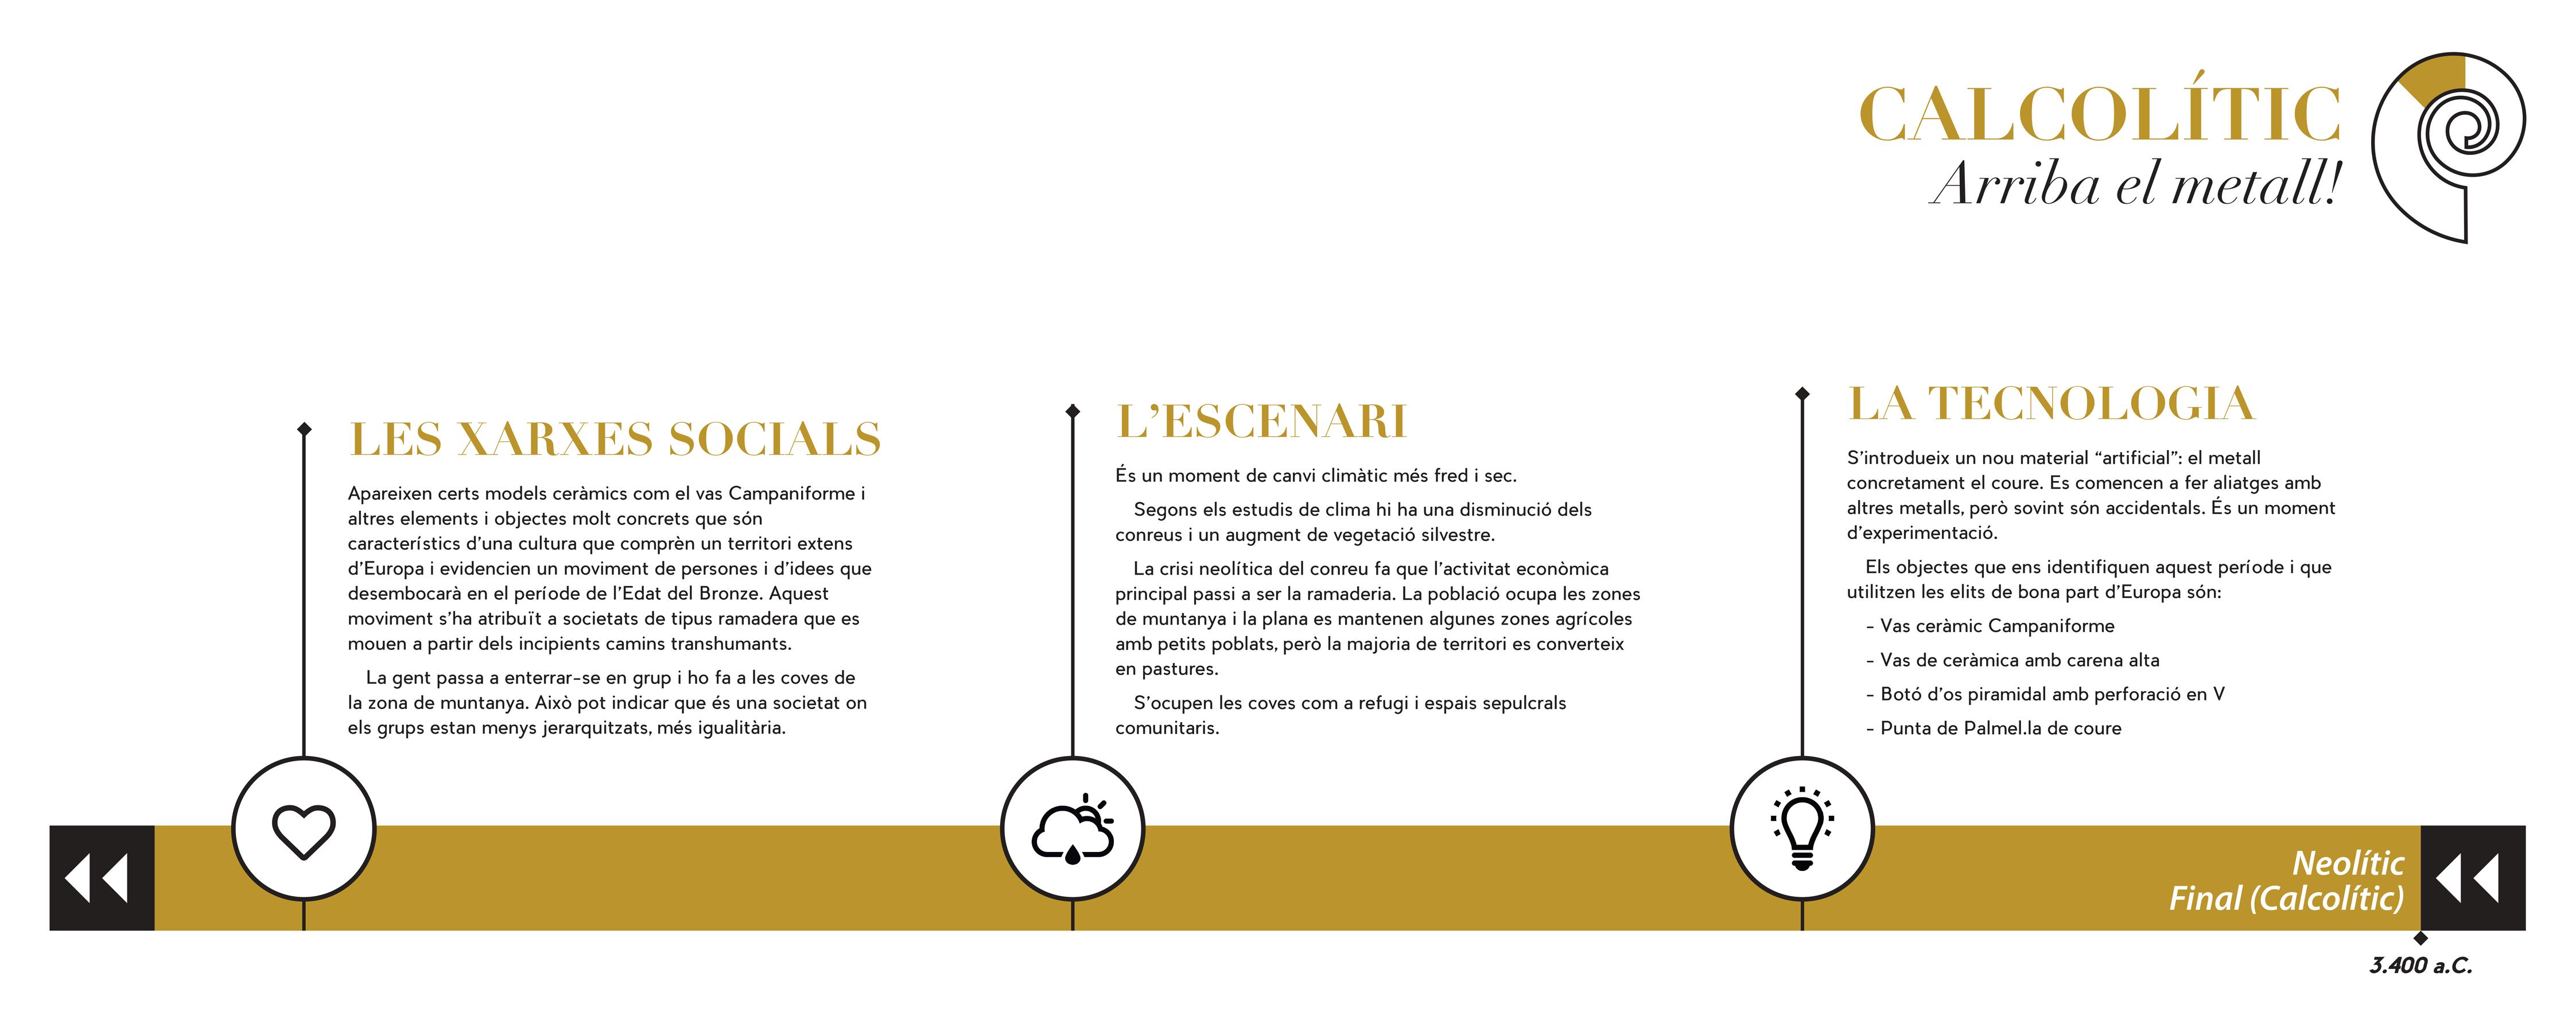 Disseny Grafic Angels Pinyol Calcolitic Abans de la Vinya - ABANS DE LA VINYA - Exposició sobre la història de la Vinya del Penedès